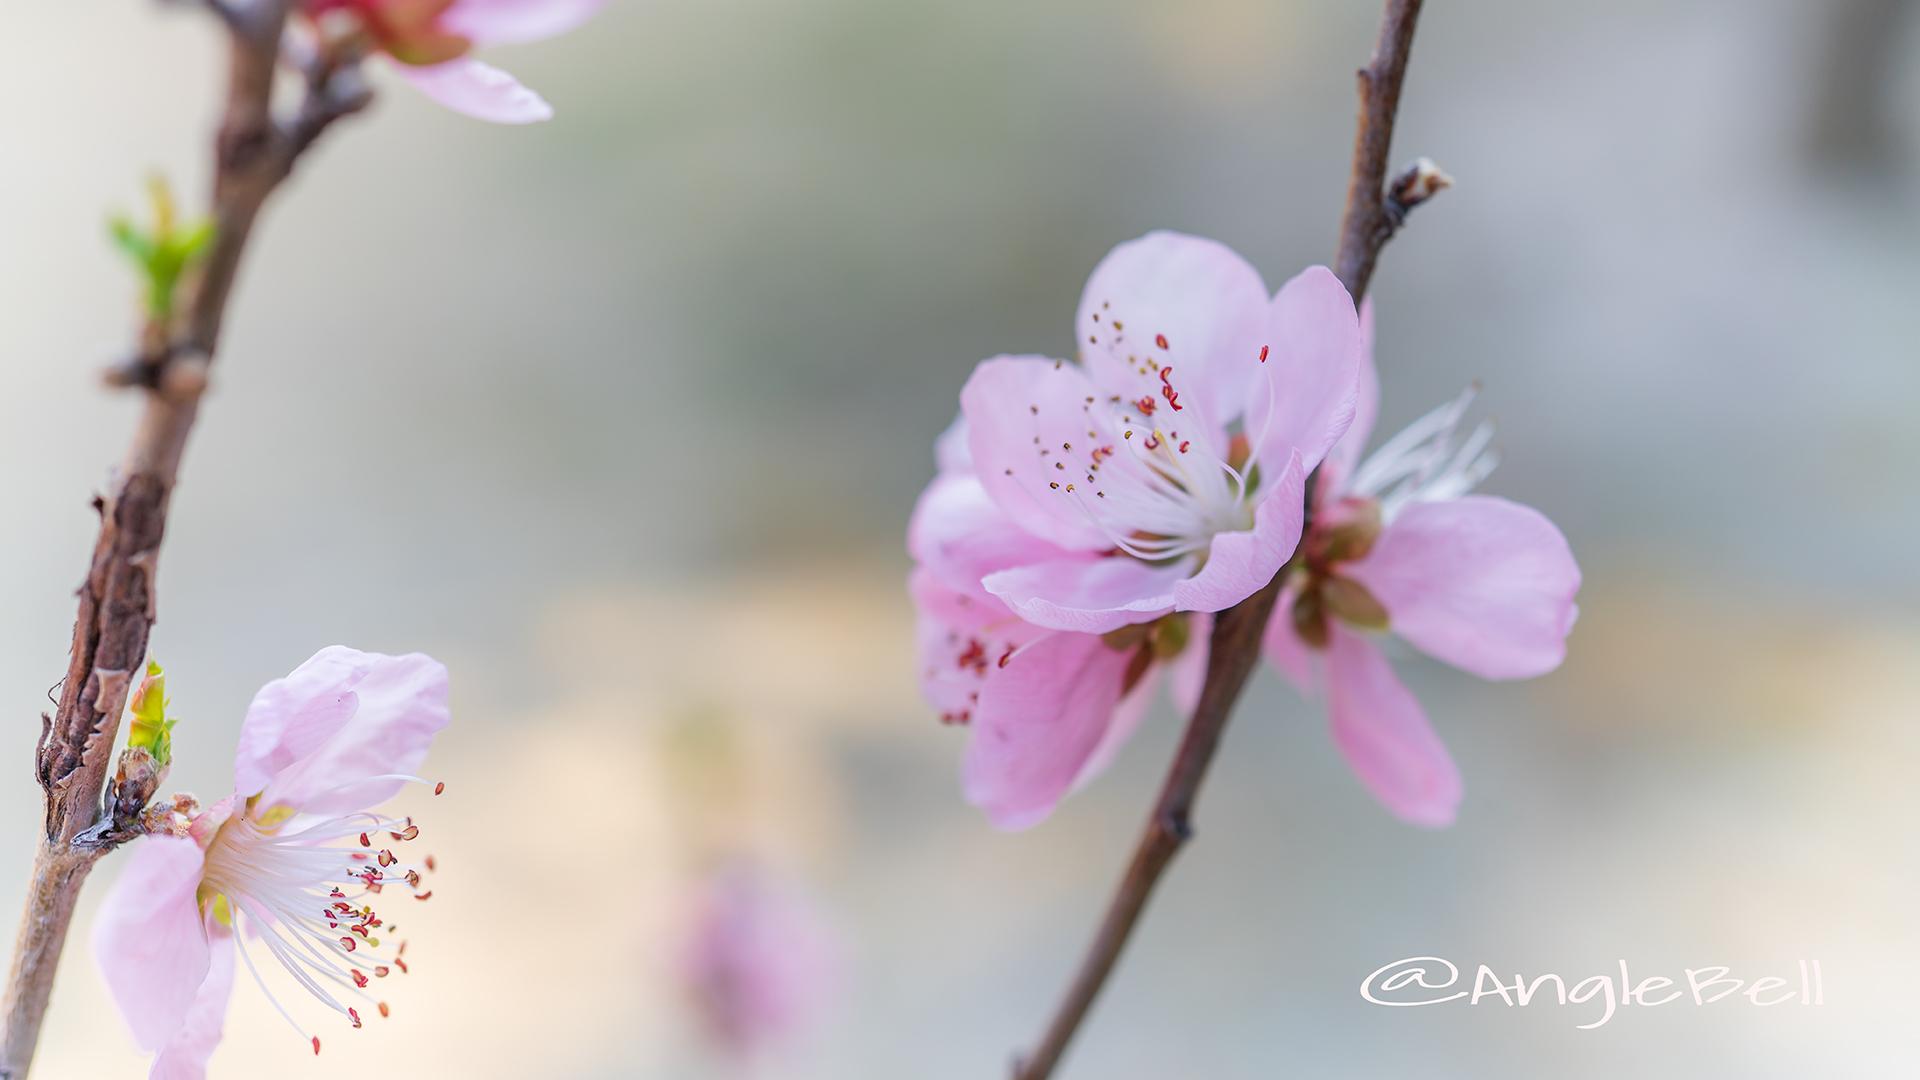 ひなの粧 (花桃) Flower Photo3